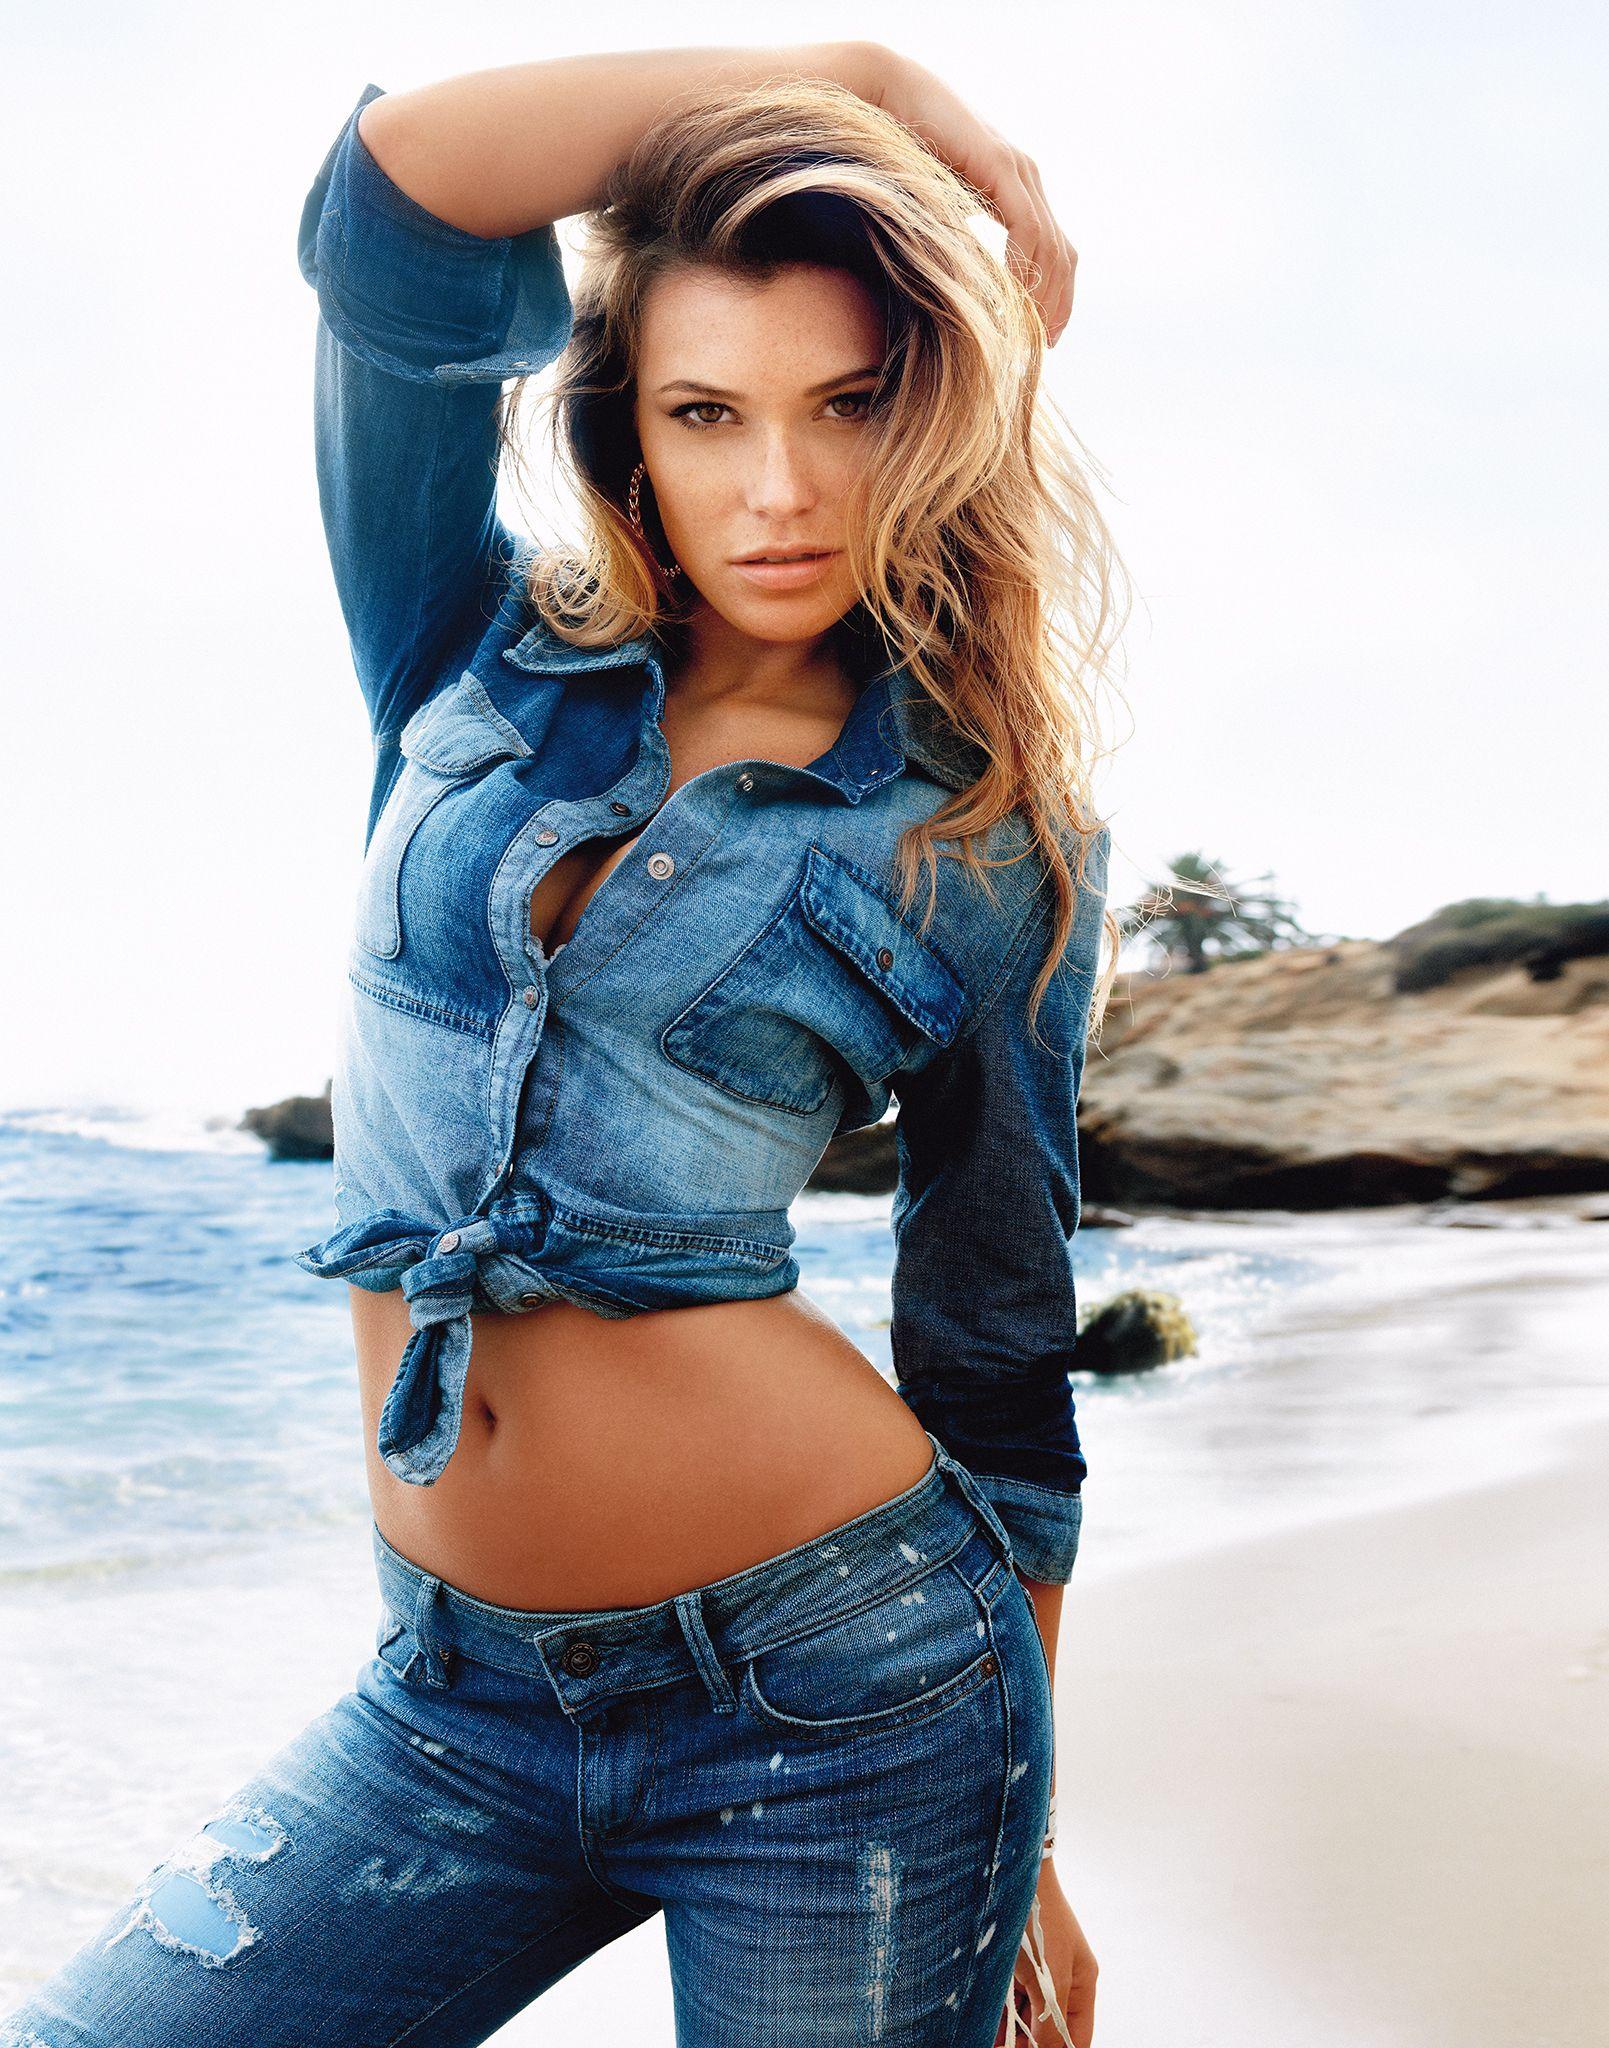 Фотографии красивых красоток в джинсах